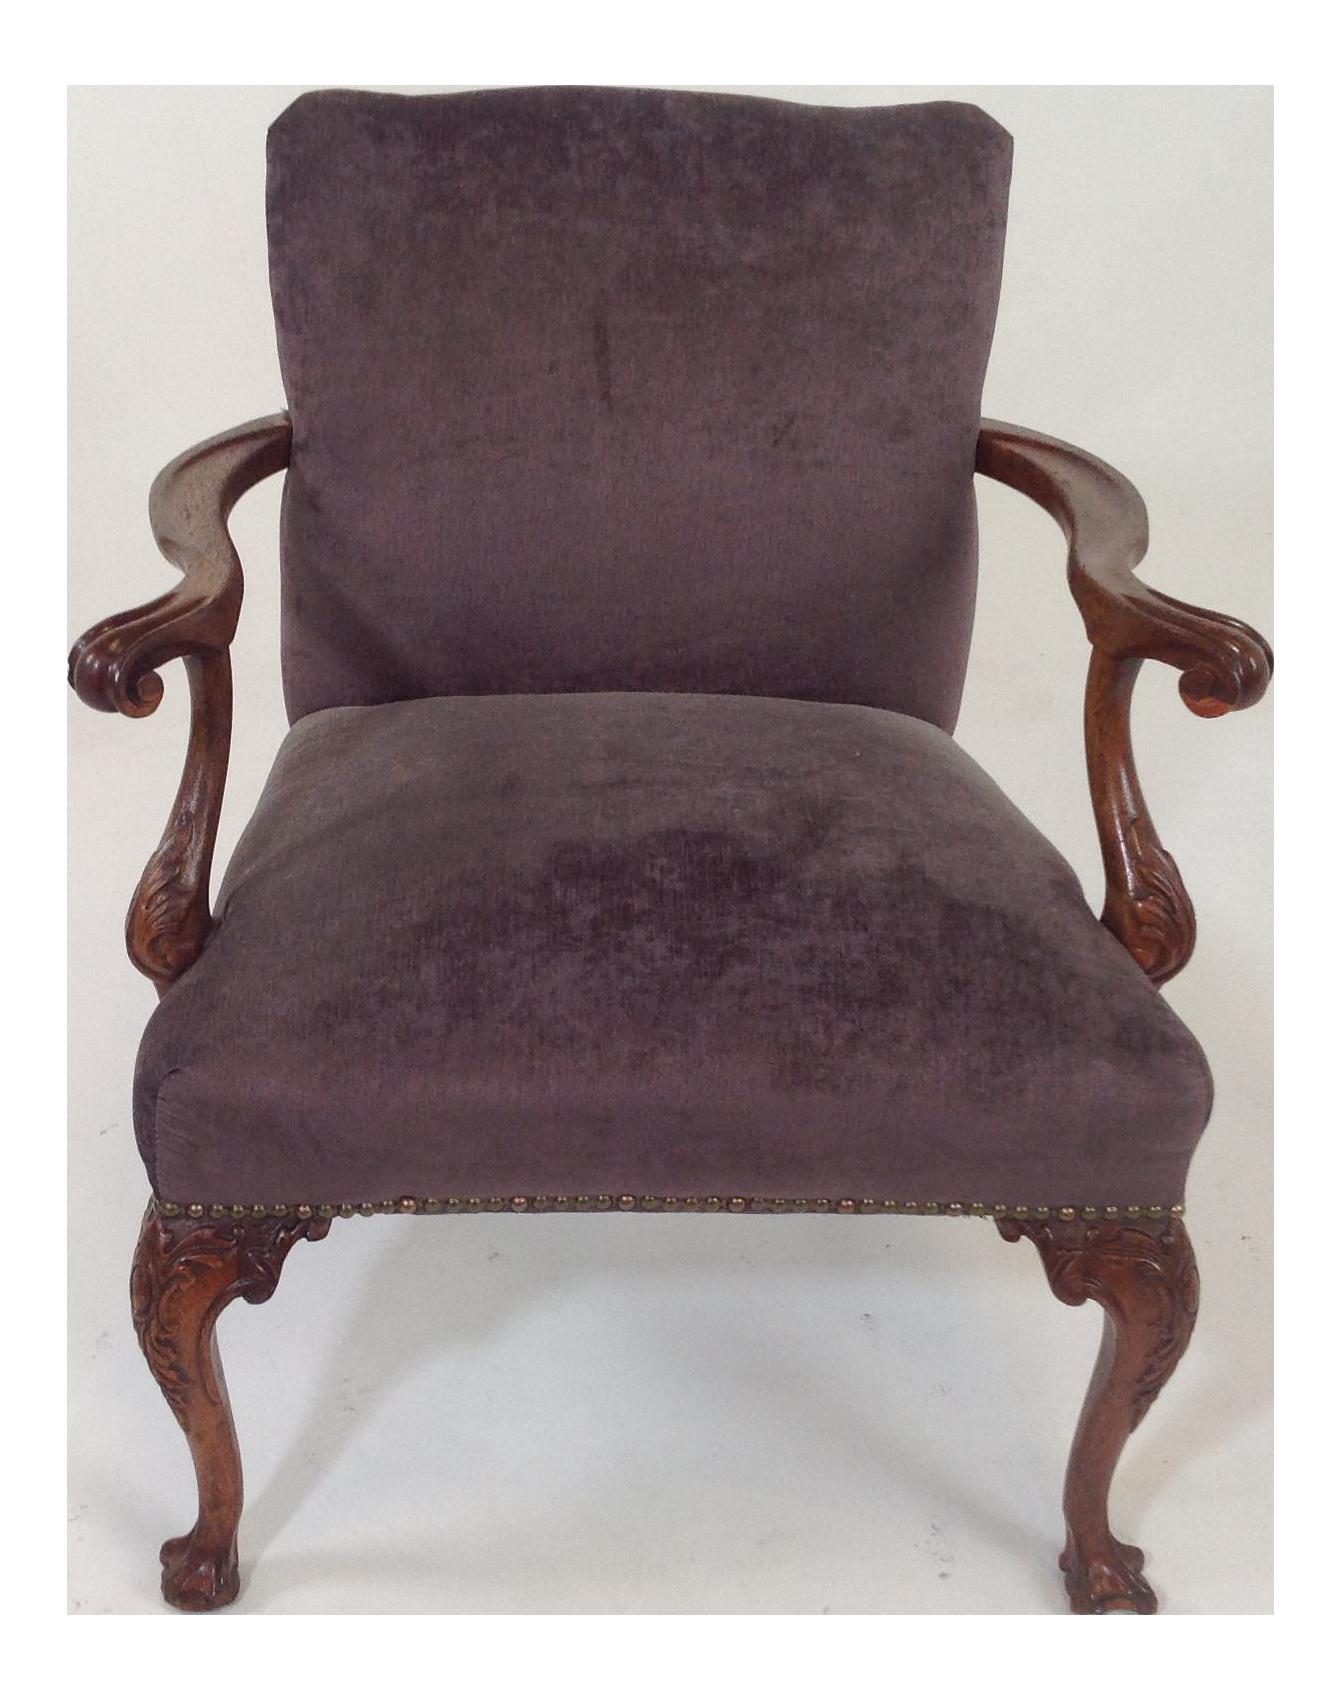 Wonderful Chairish